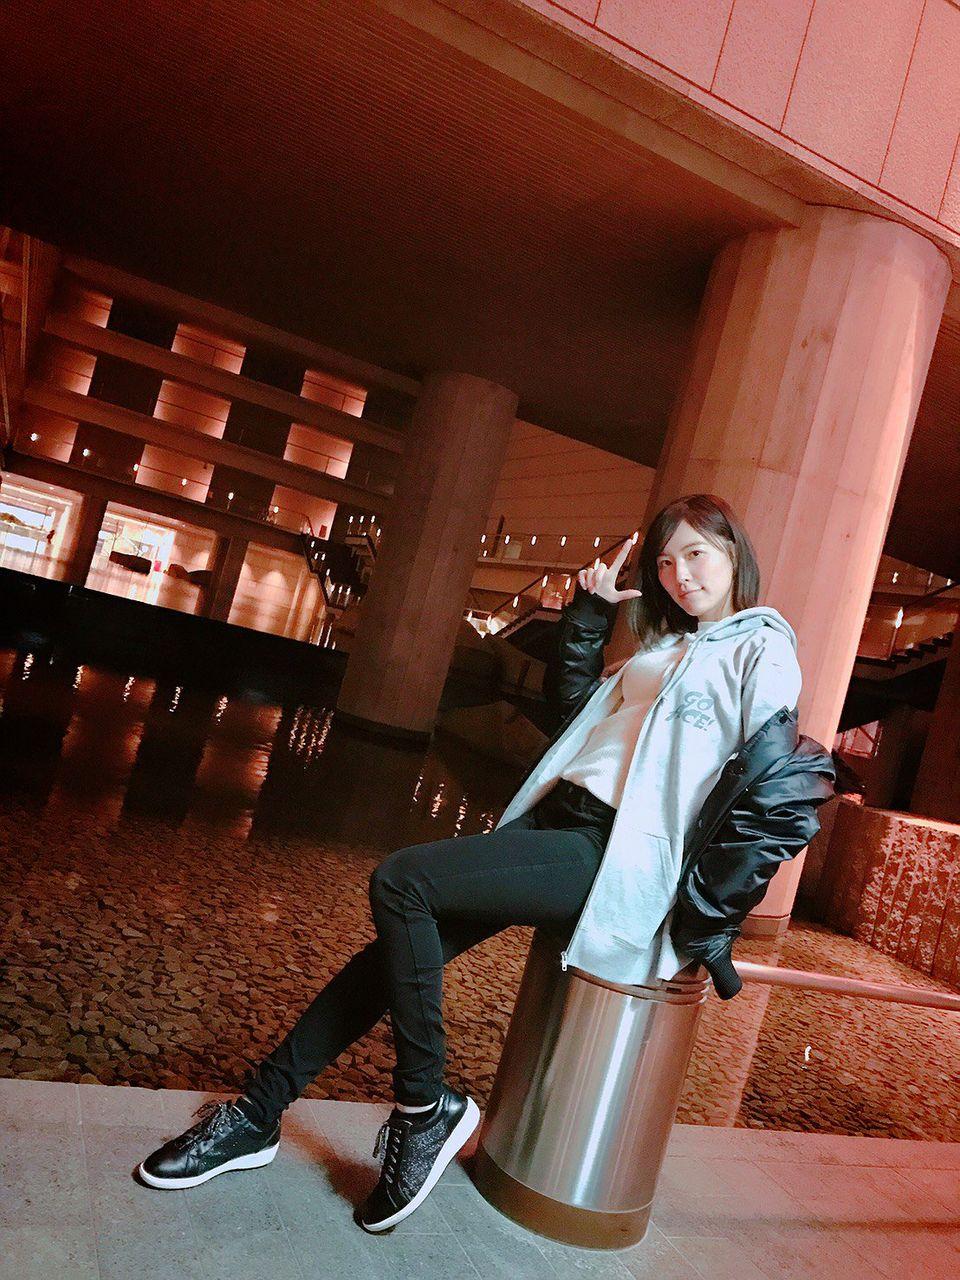 松井珠理奈ちゃんって色眼鏡抜きで見たら結構かわいいよな?